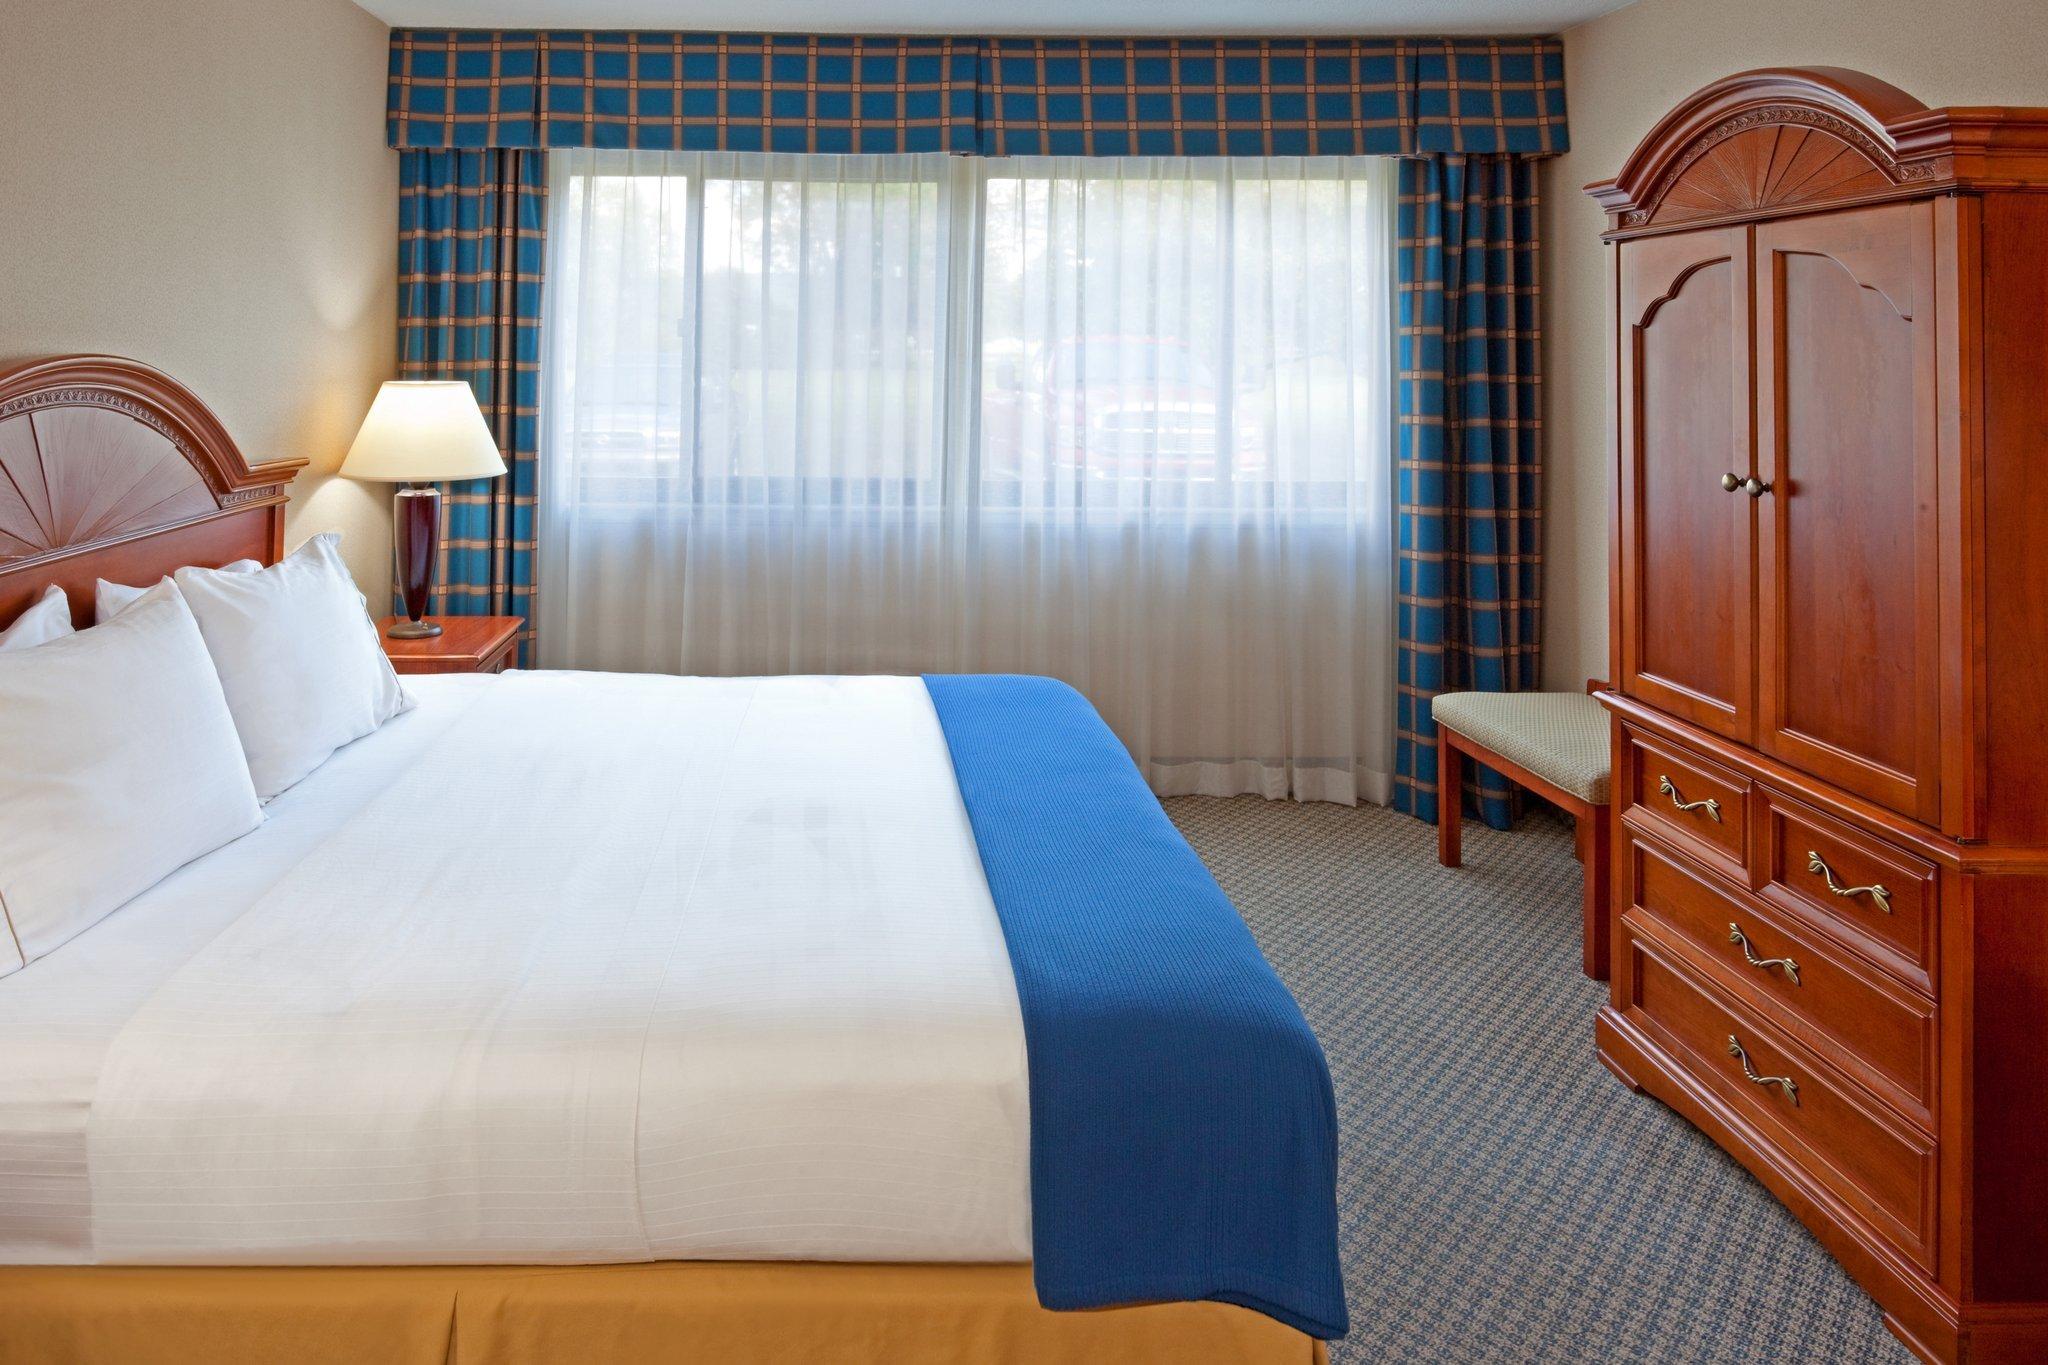 ホリデー イン エクスプレス エルミラ - ホースヘッズ ホテル